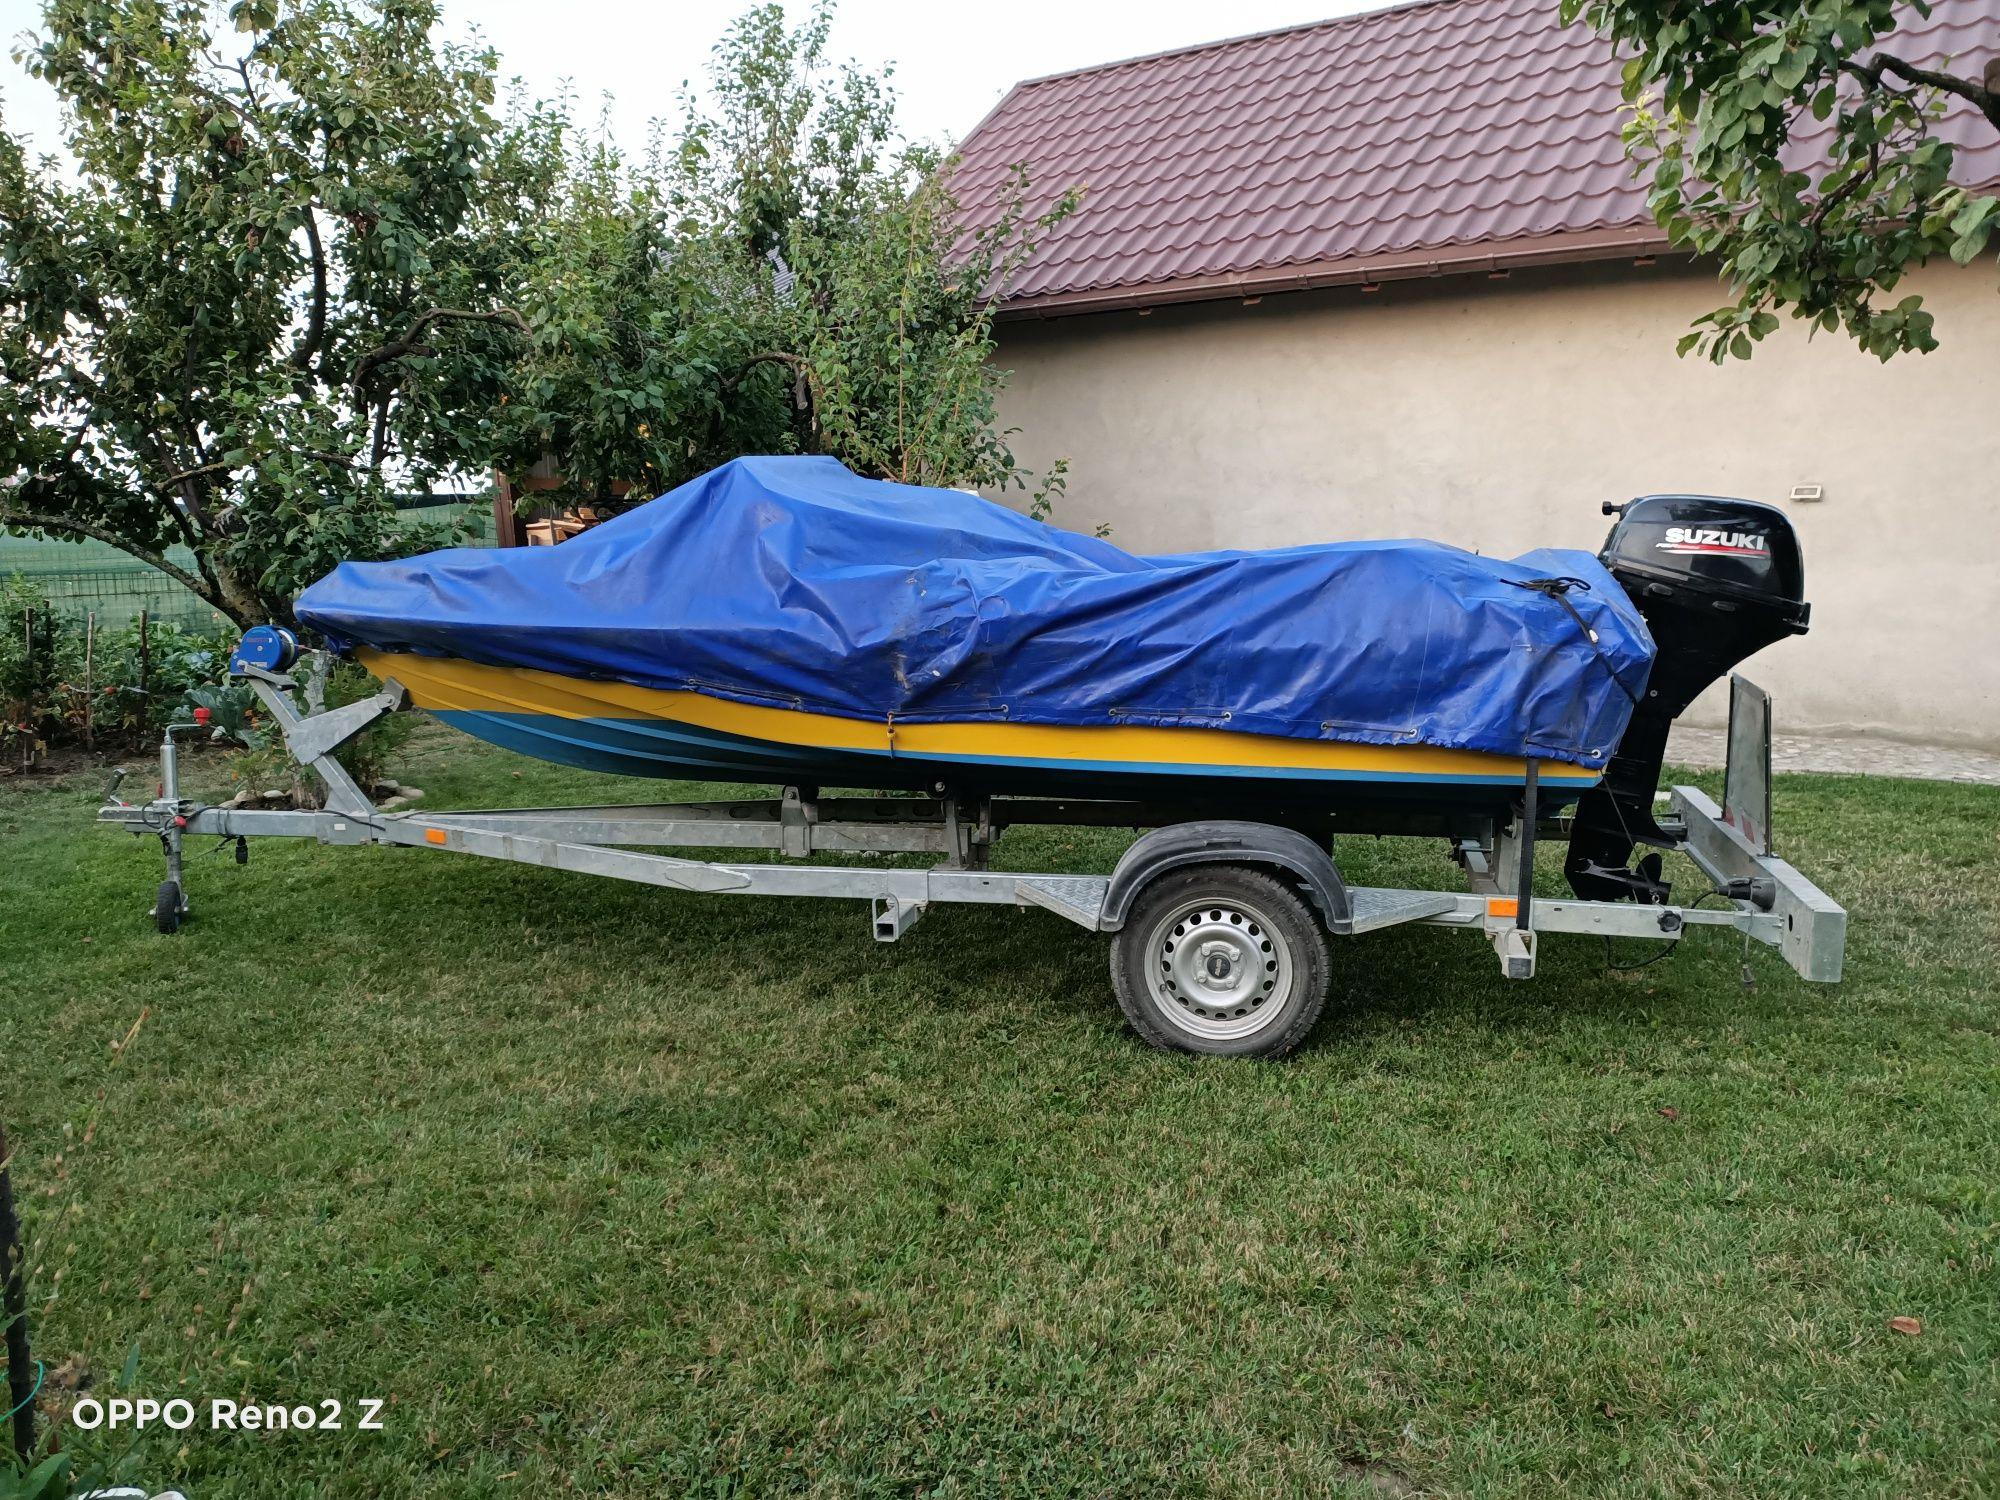 Vând barca cu motor Motoscaf